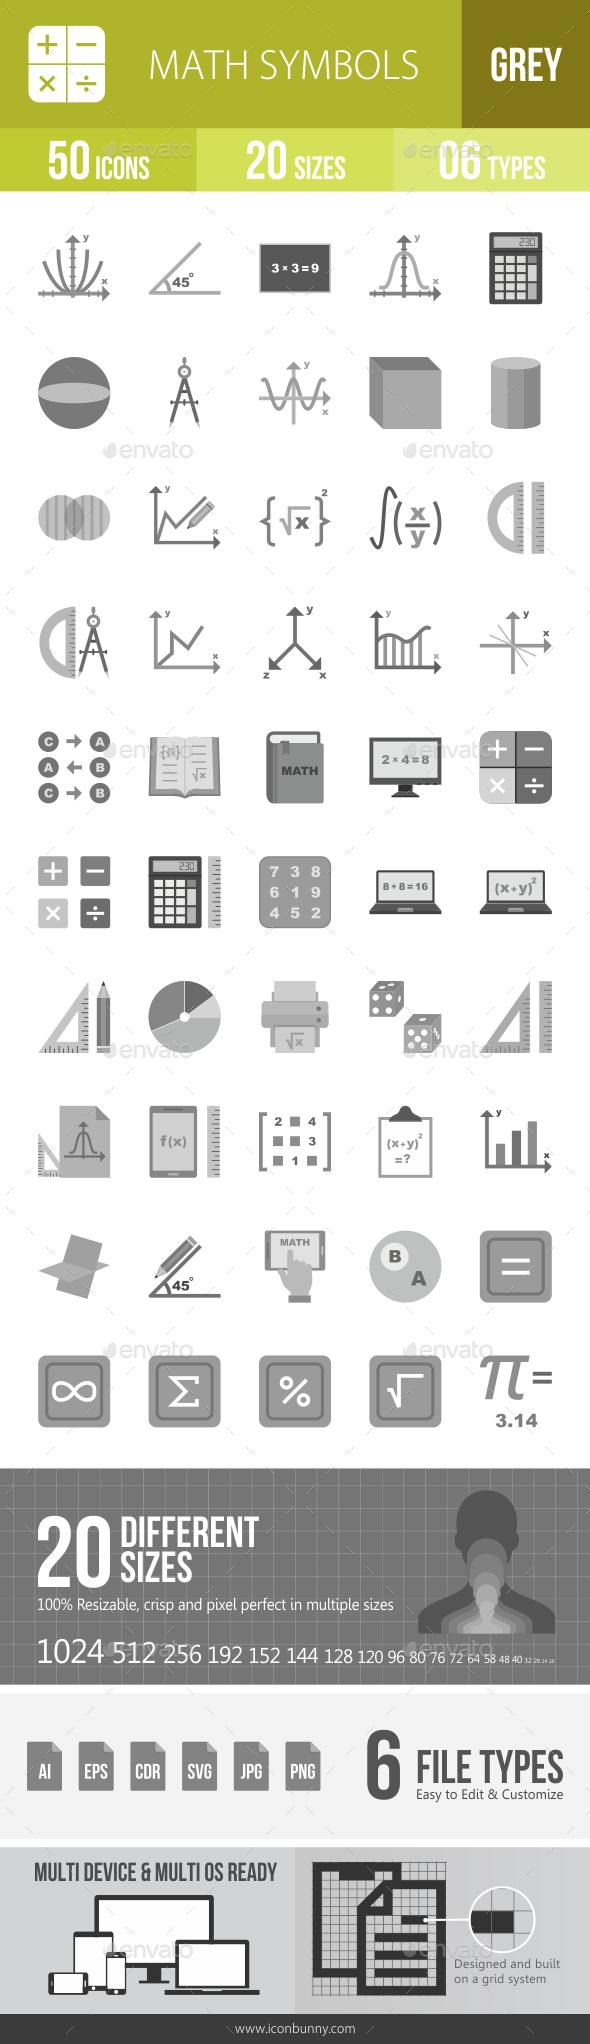 Math Symbols Greyscale Icons - Icons